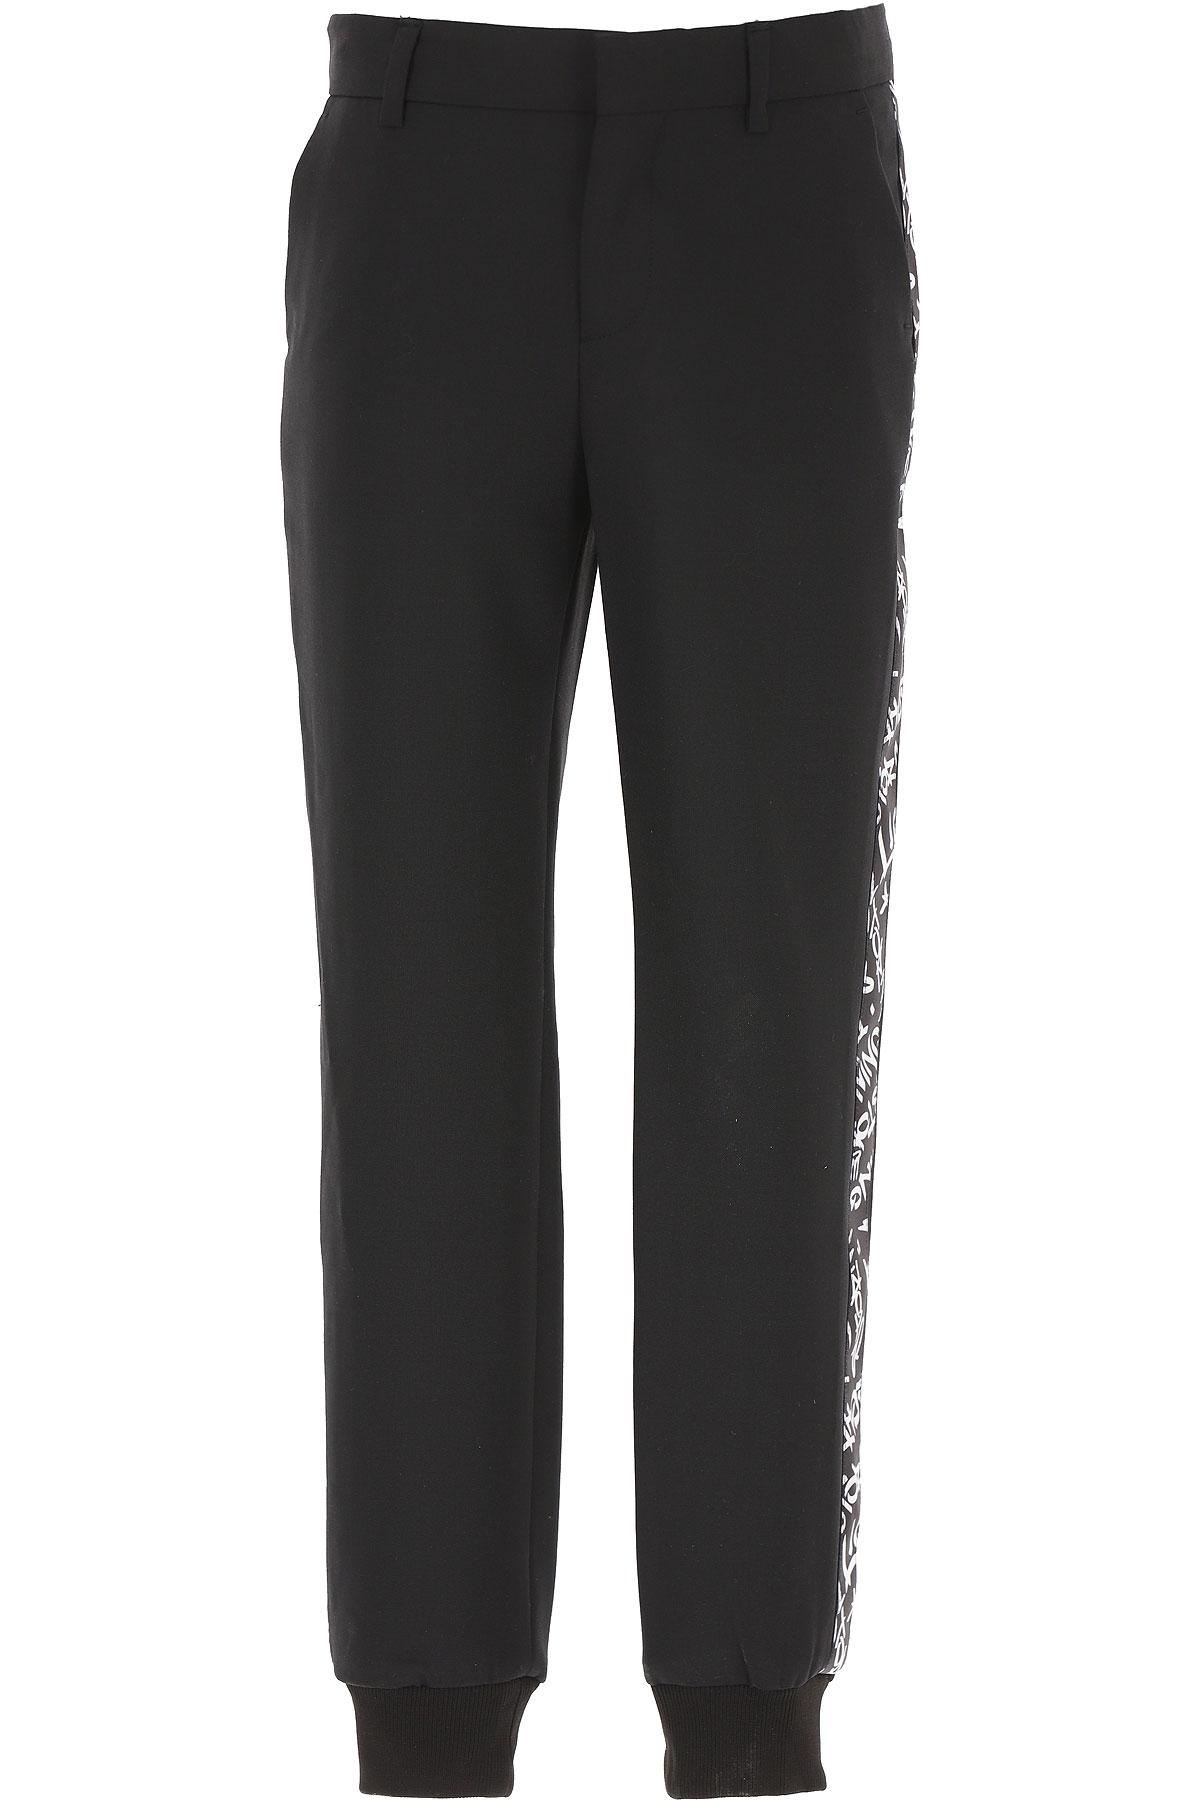 Neil Barrett Kids Pants for Boys On Sale, Black, polyester, 2019, 10Y 12Y 14Y 8Y